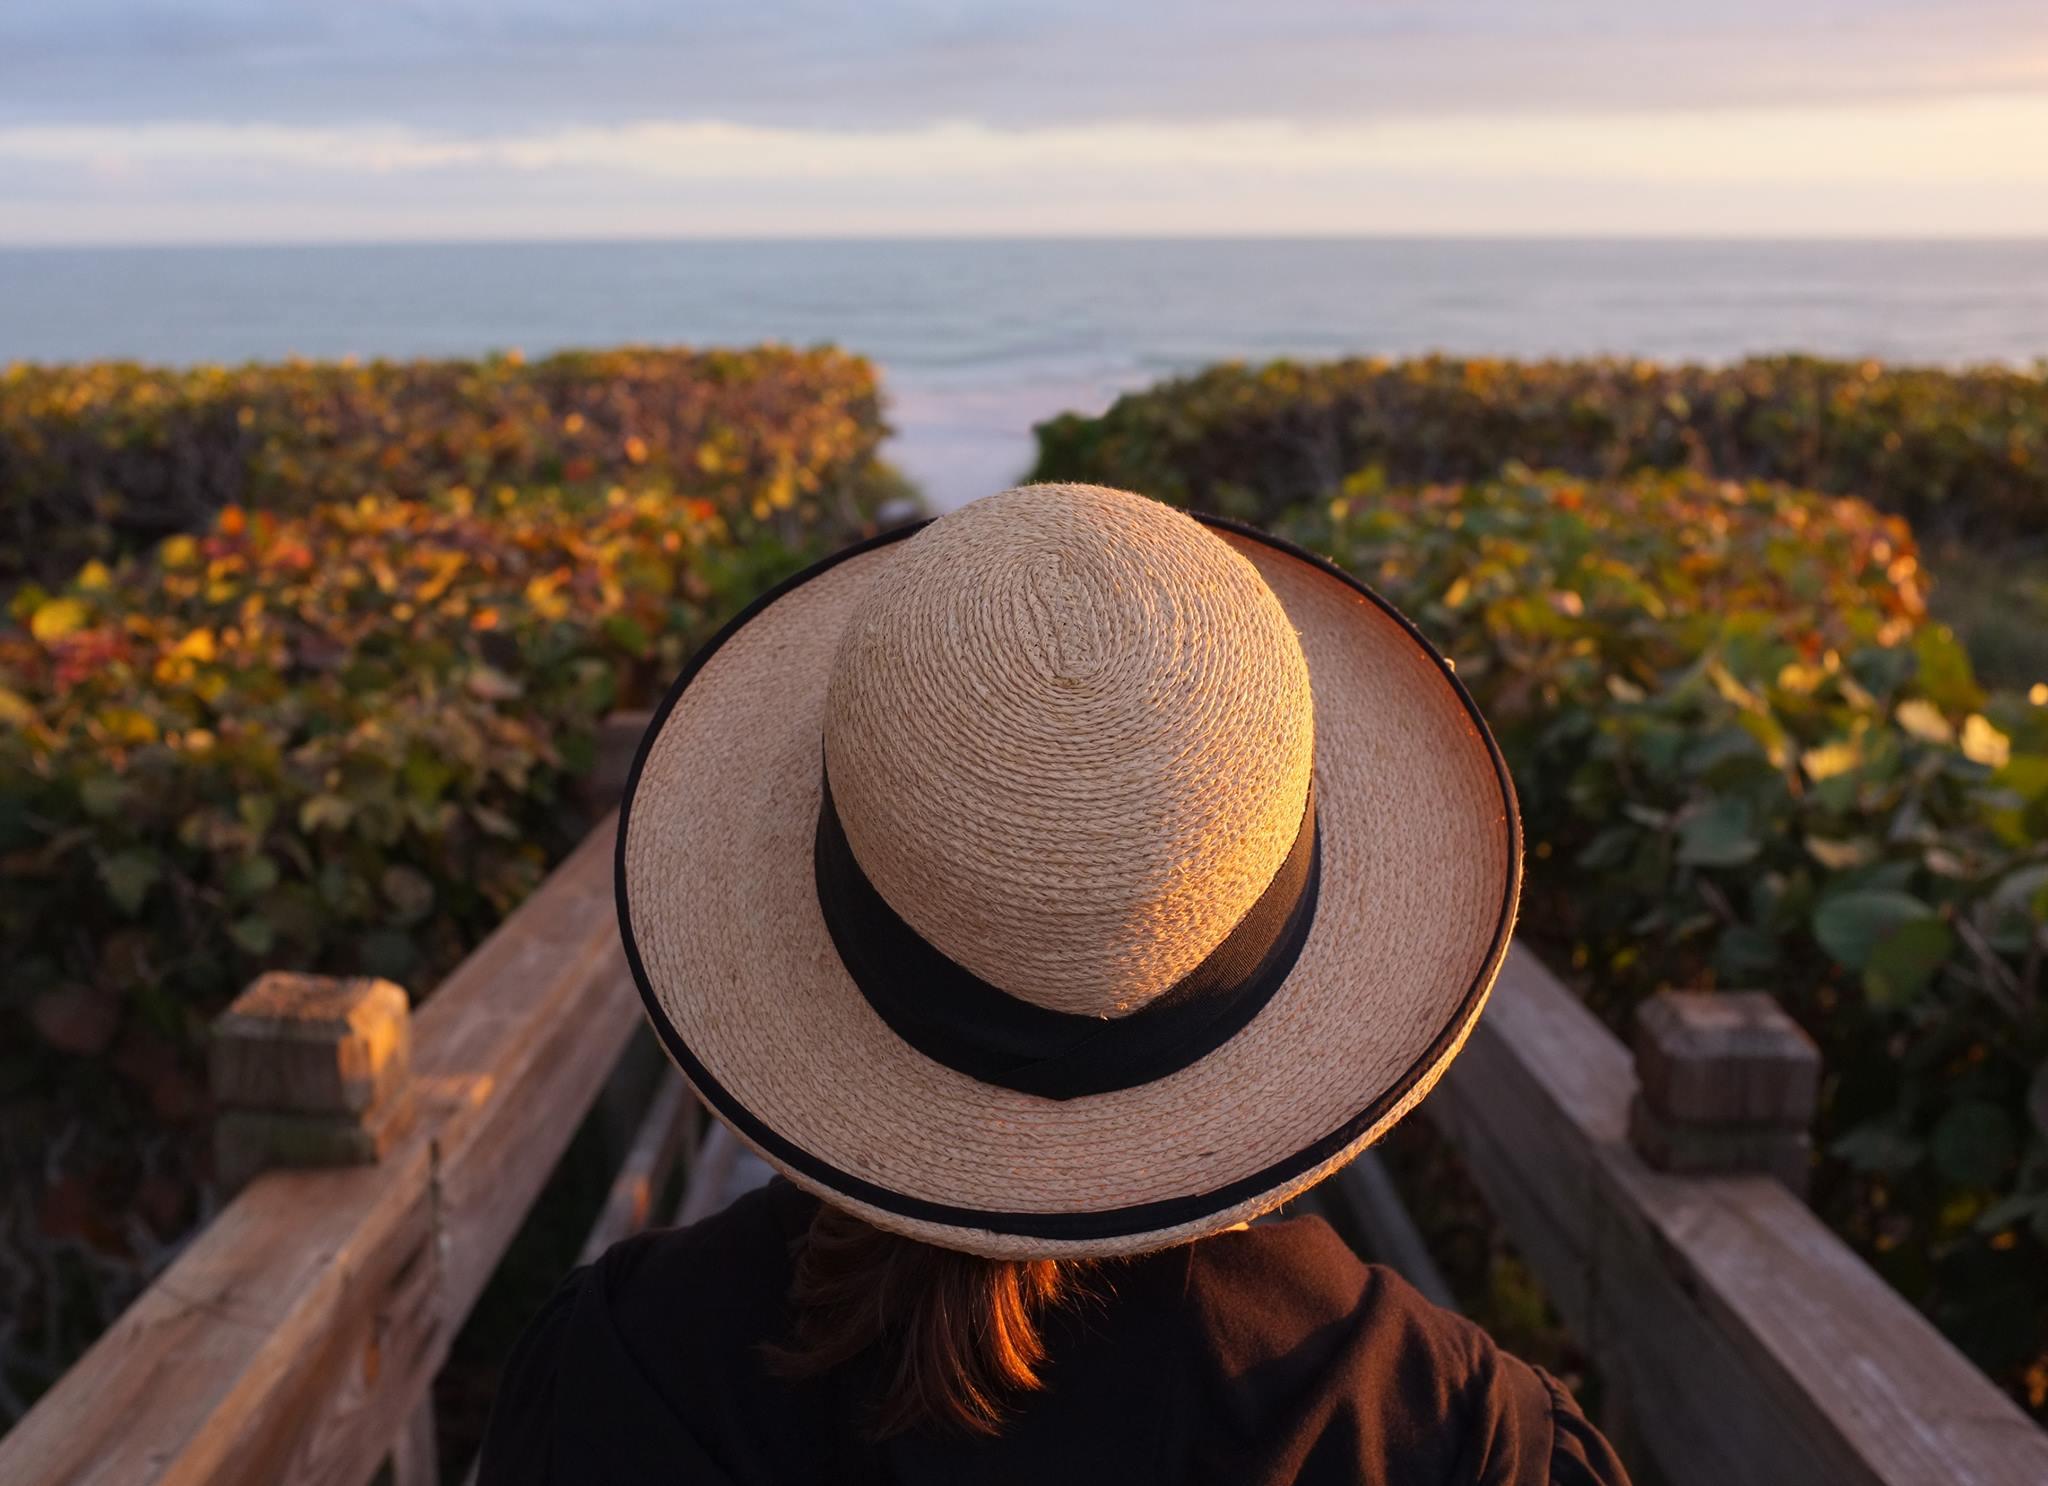 Susan-at-Sanibel-hat